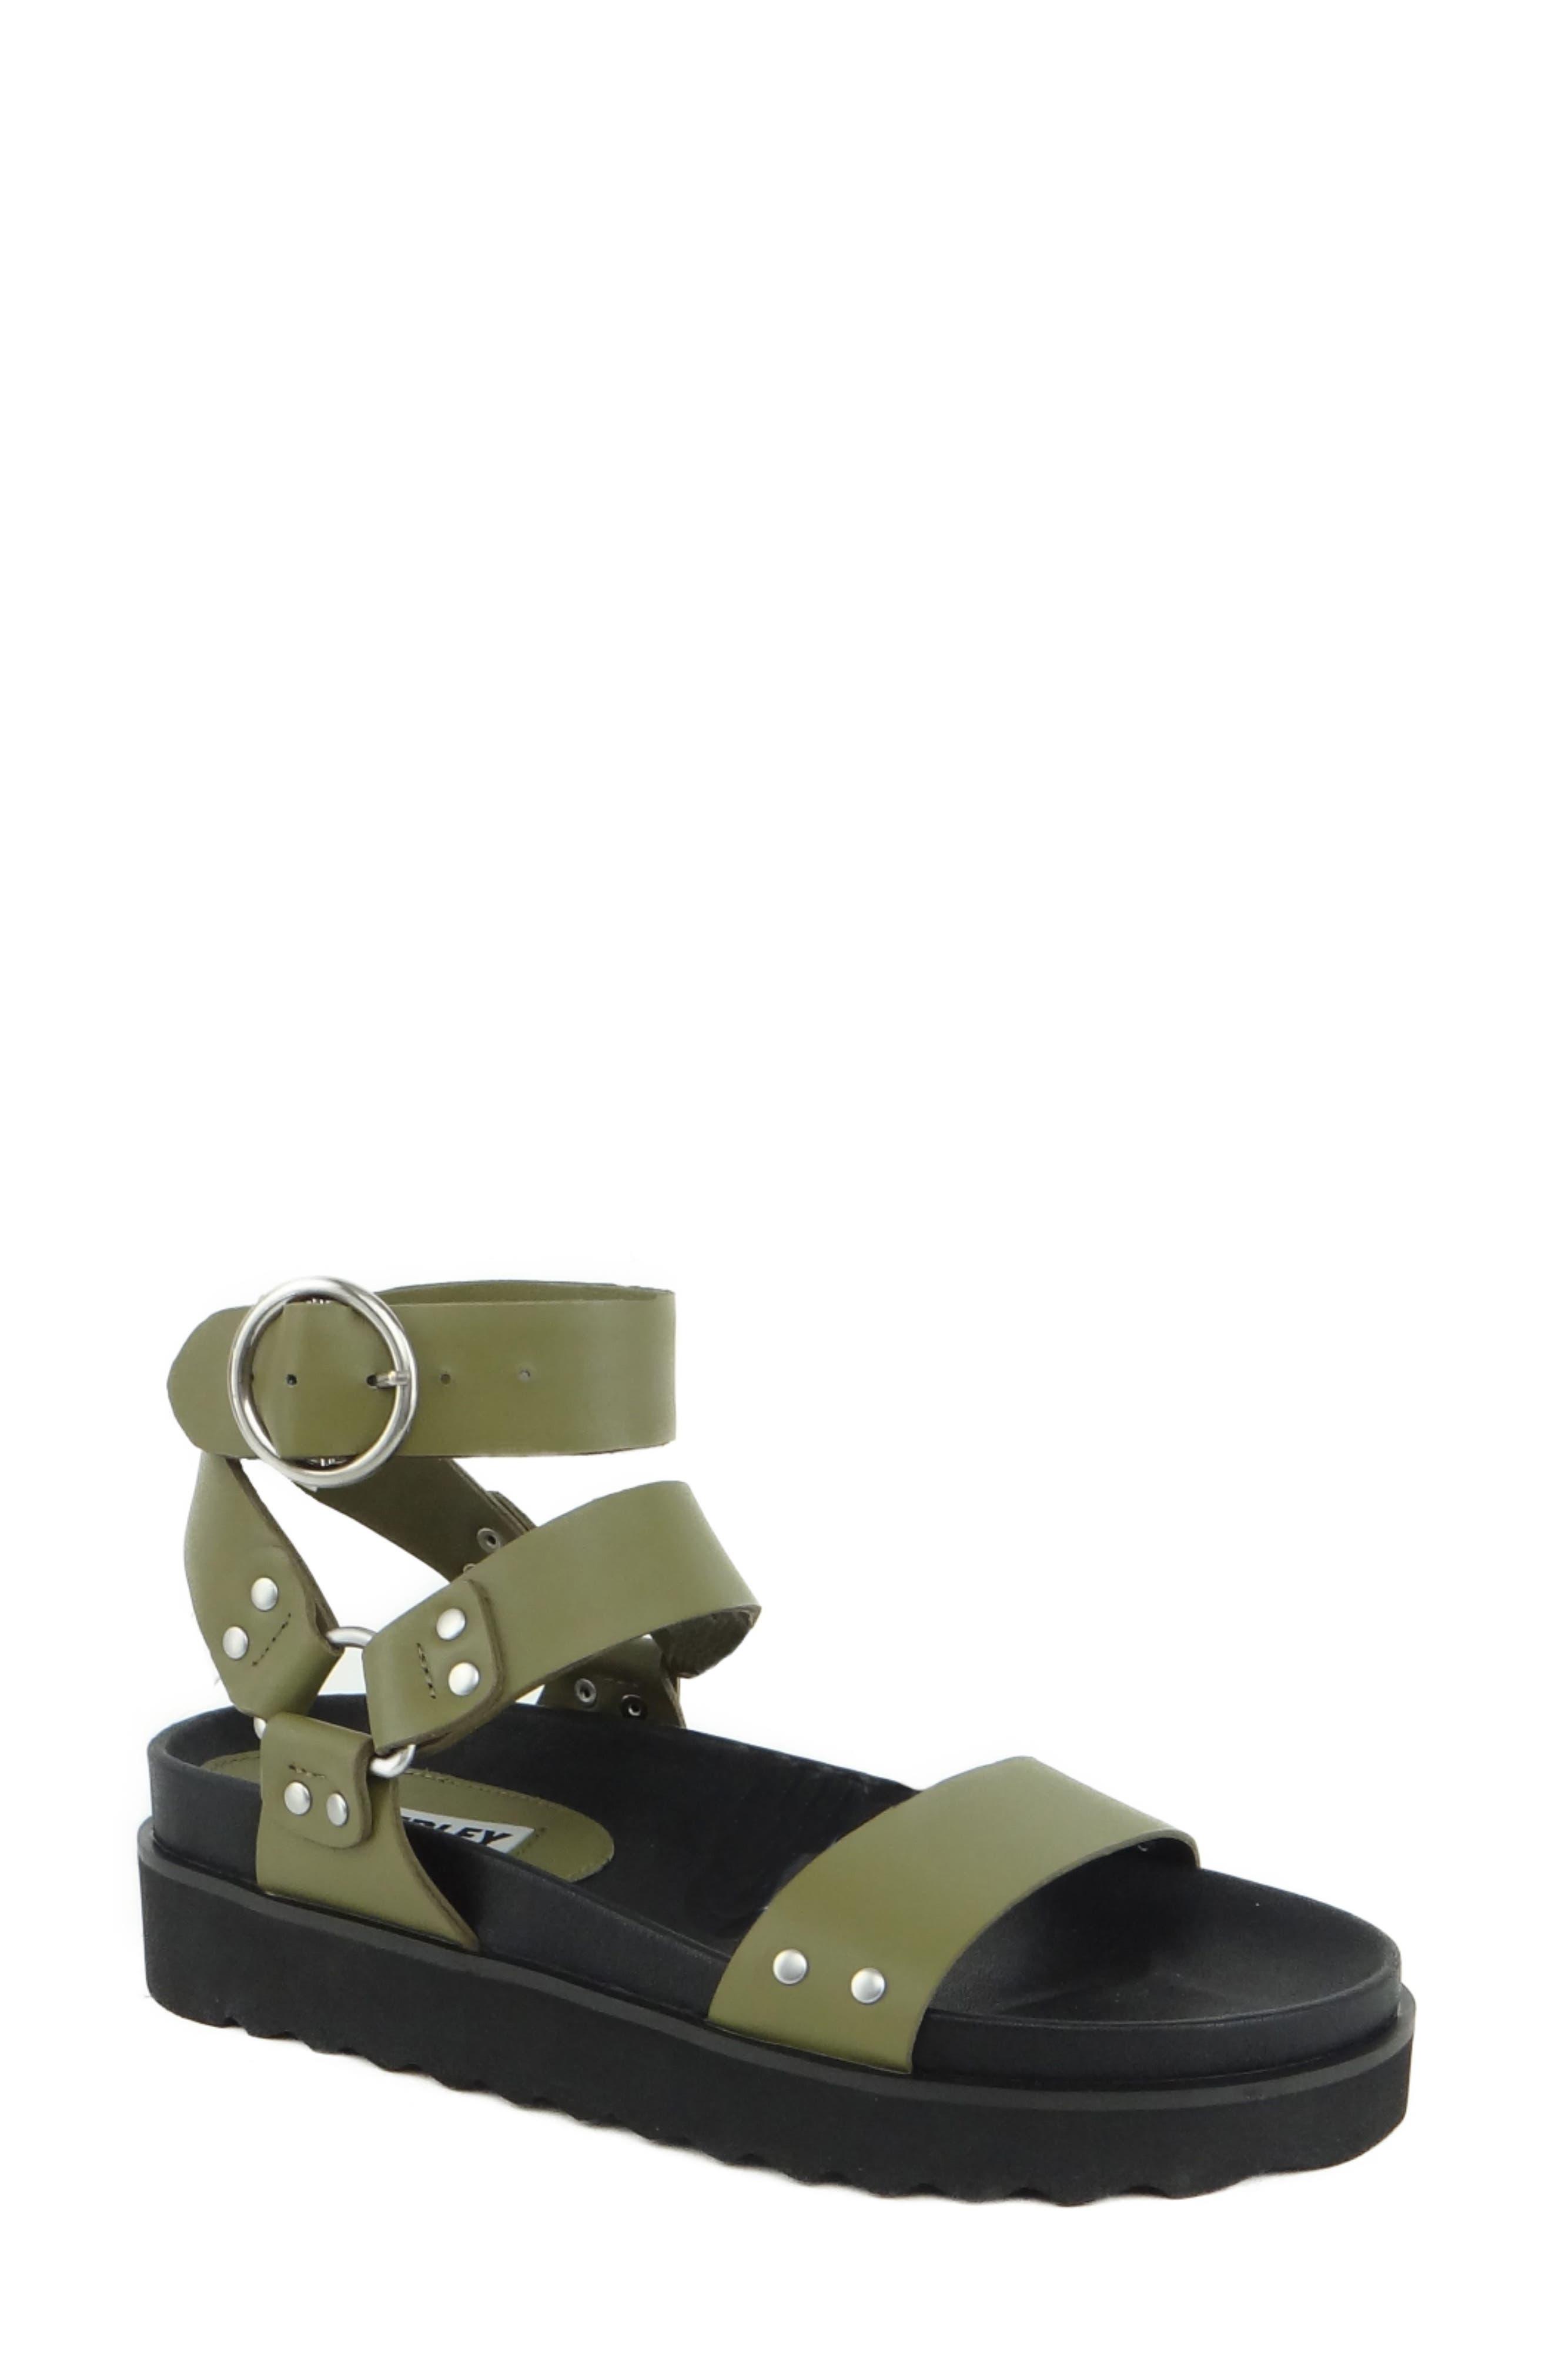 CAVERLEY Burt Platform Sandal